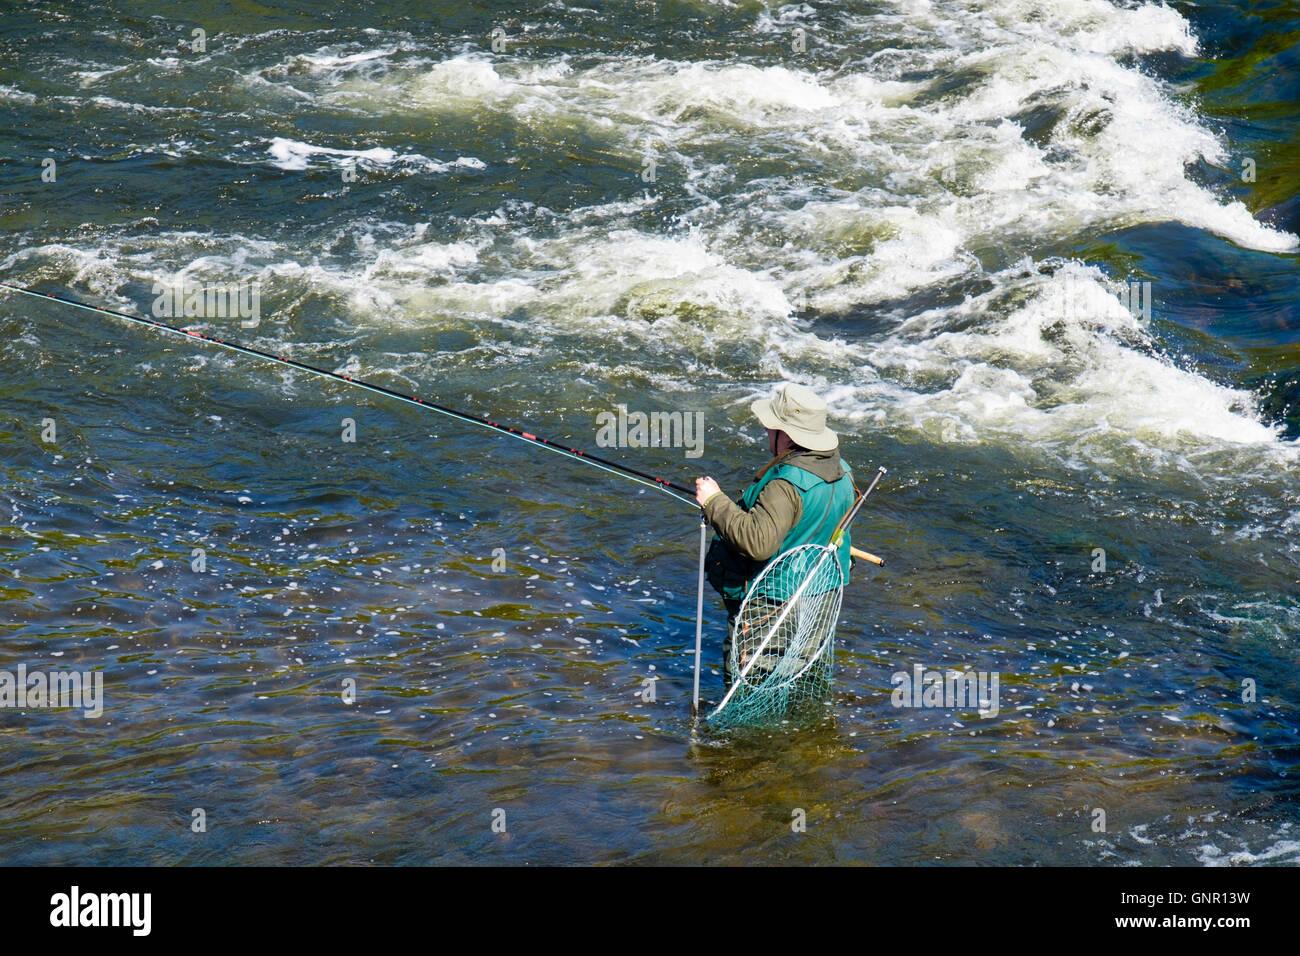 Dans l'eau ci-dessous pêcheur un déversoir fly la pêche du saumon dans la rivière Tweed. Photo Stock